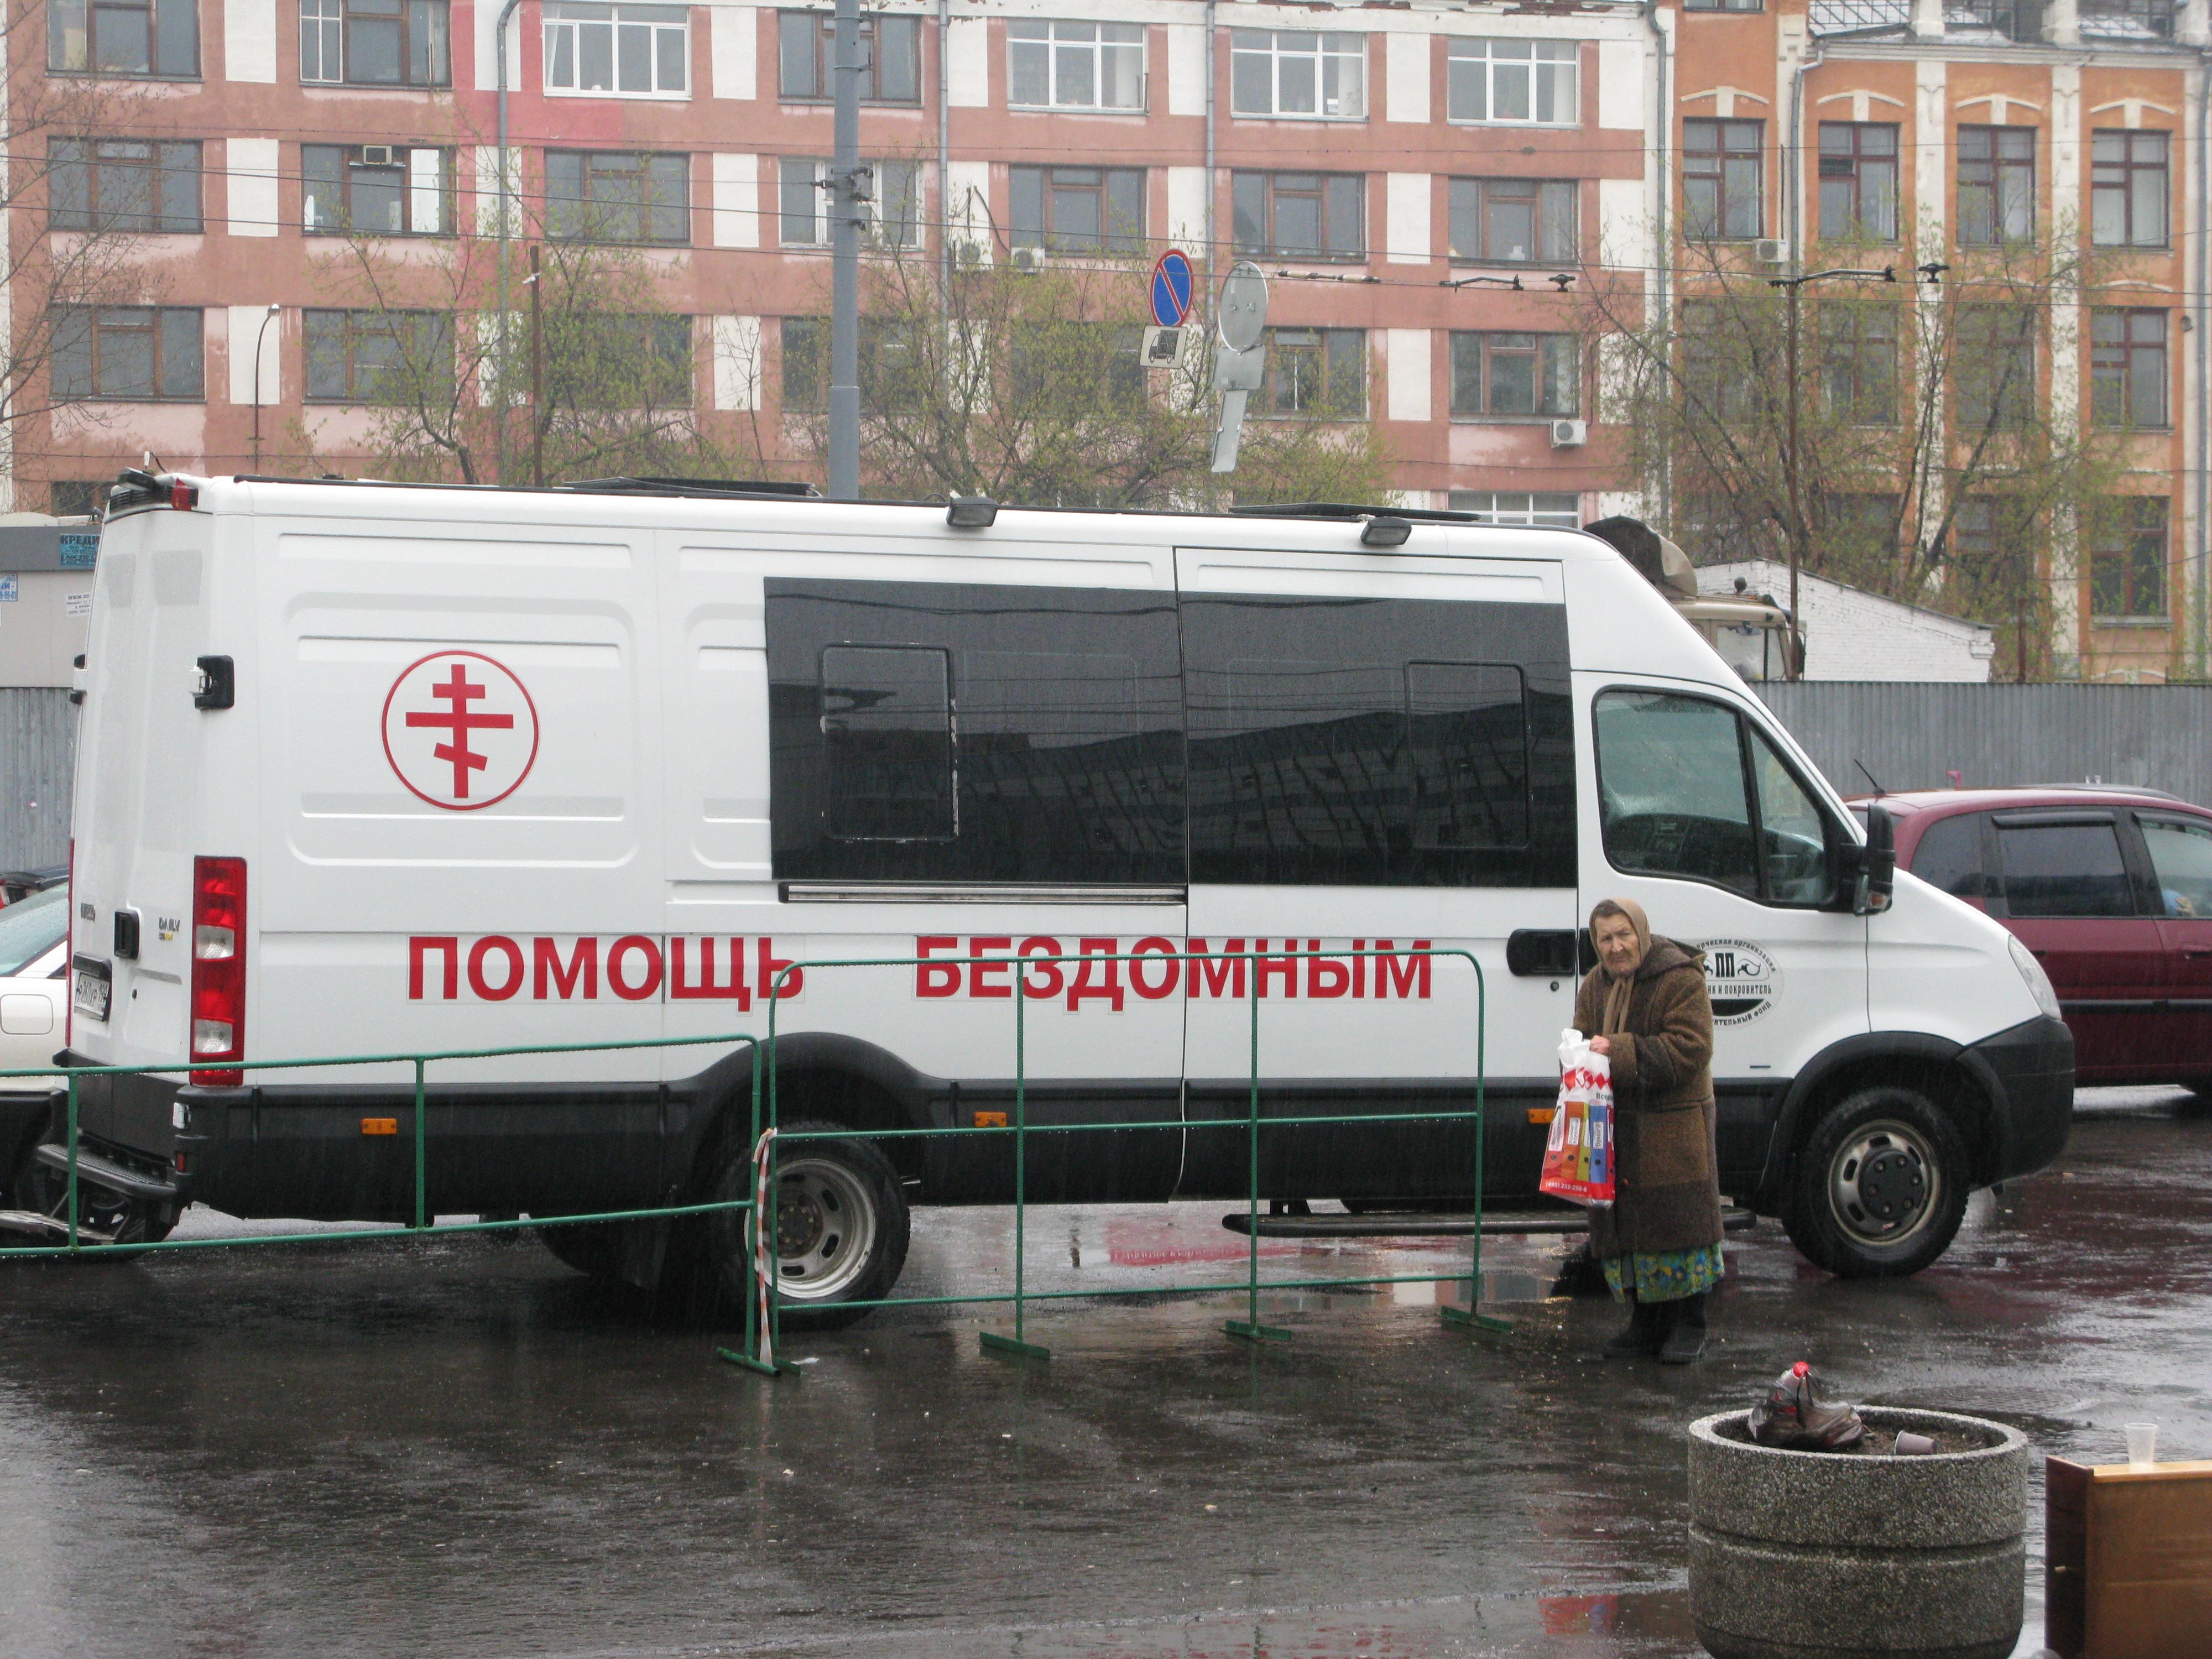 У метро Нагатинская полицейские запретили православным кормить бездомных и пригрозили арестом